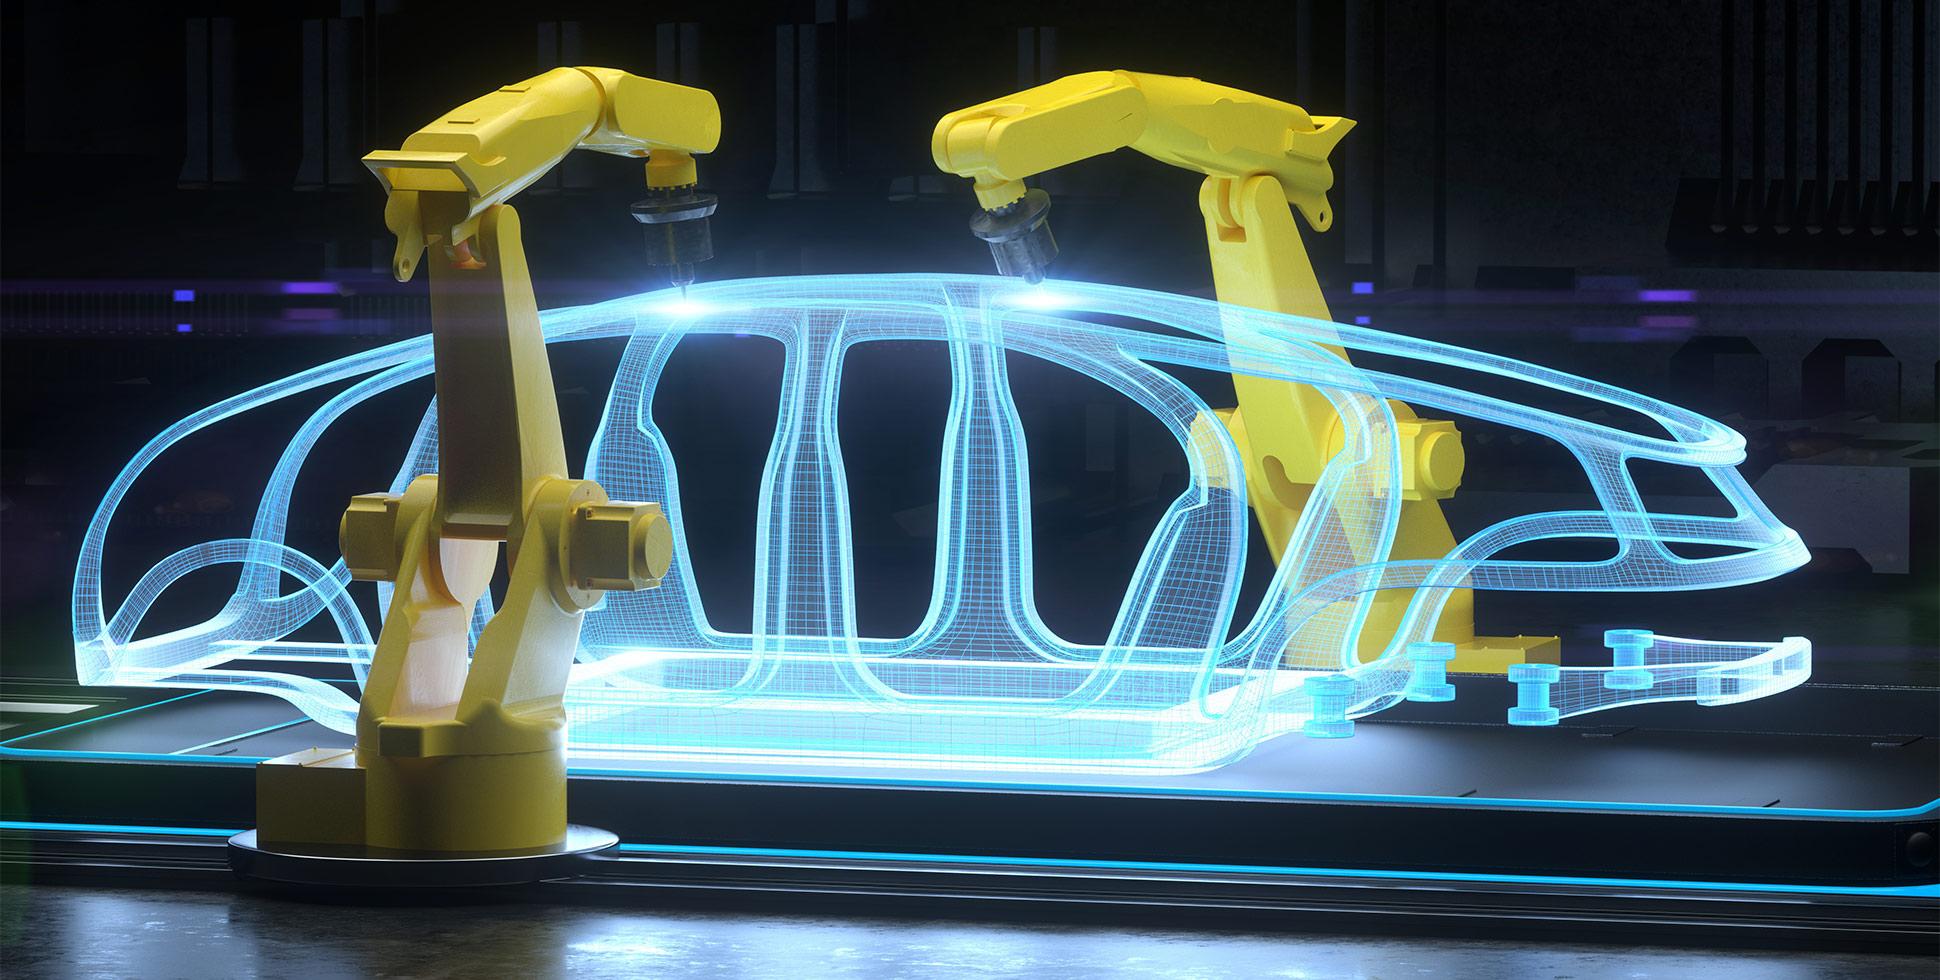 Arm Enables Next-Generation Autonomous Systems